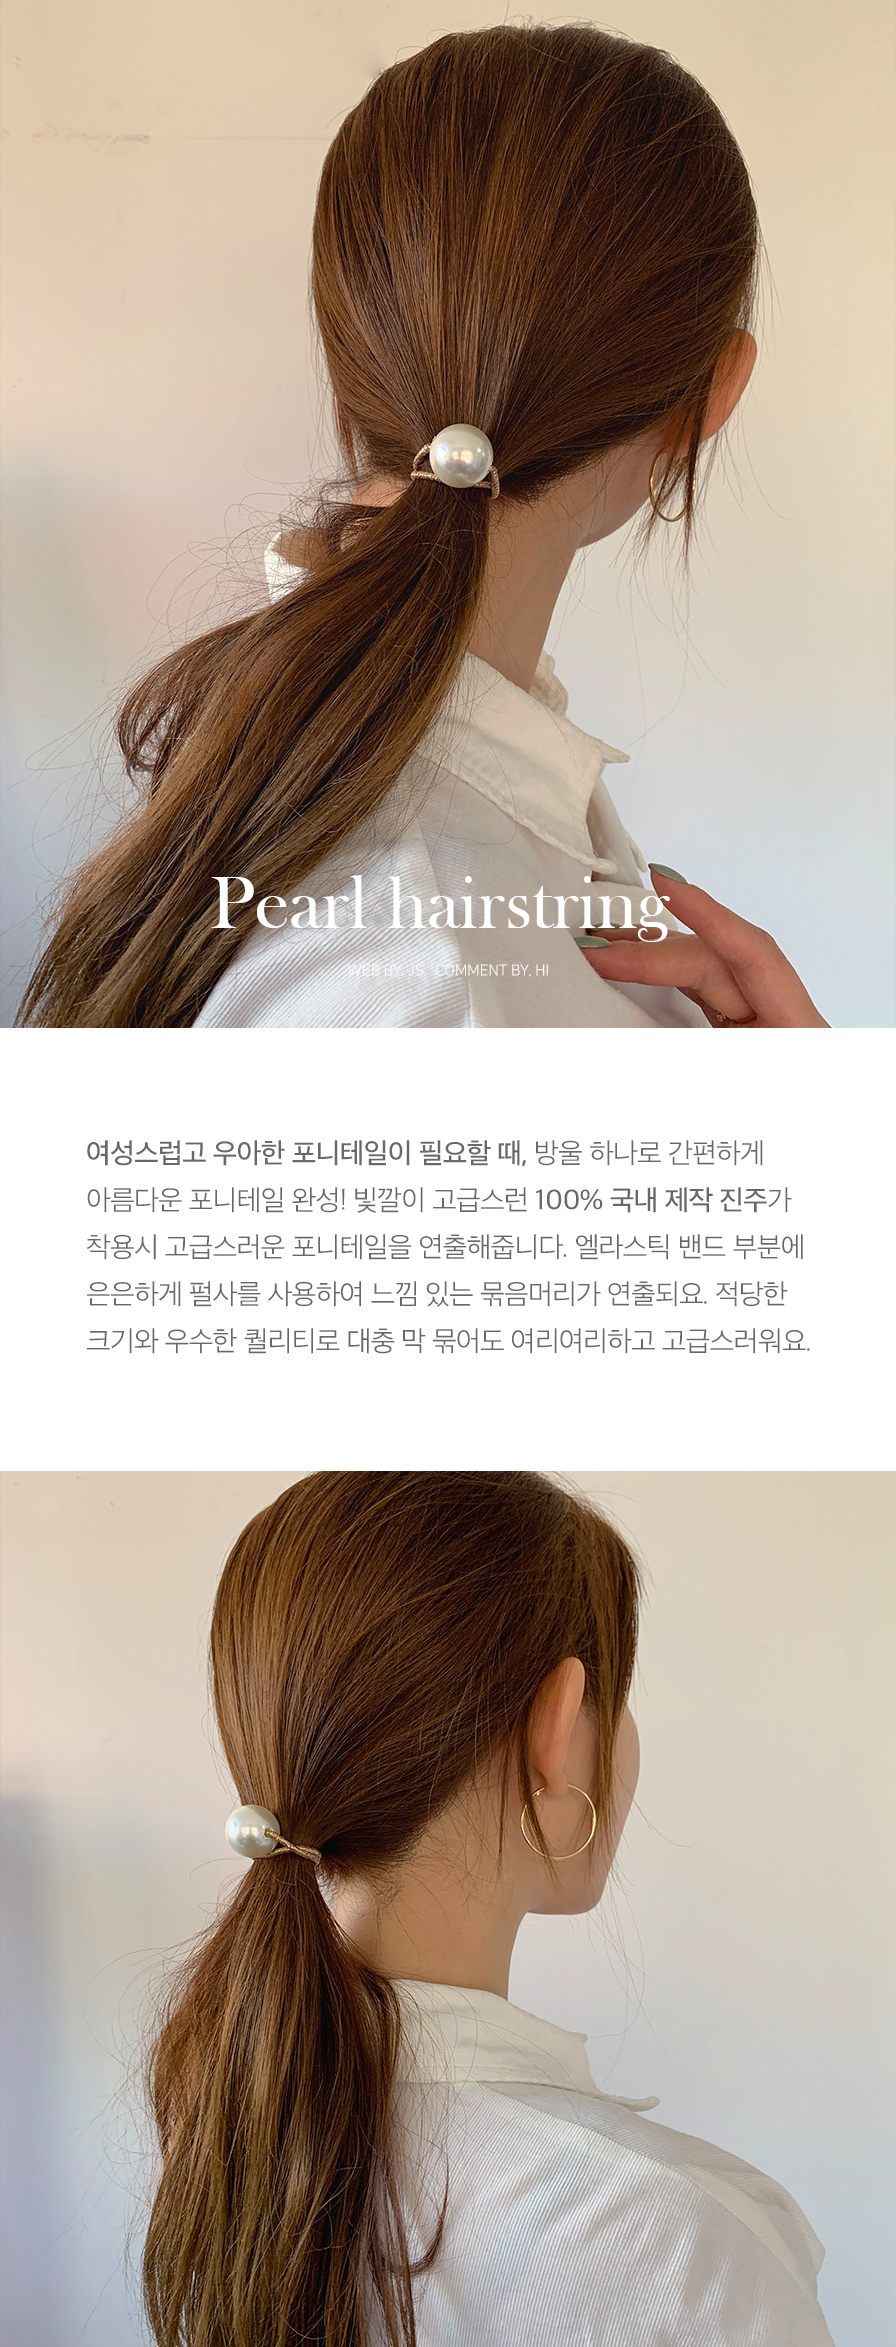 펄 진주 머리끈 - 아르뉴, 3,500원, 헤어핀/밴드/끈, 헤어핀/끈